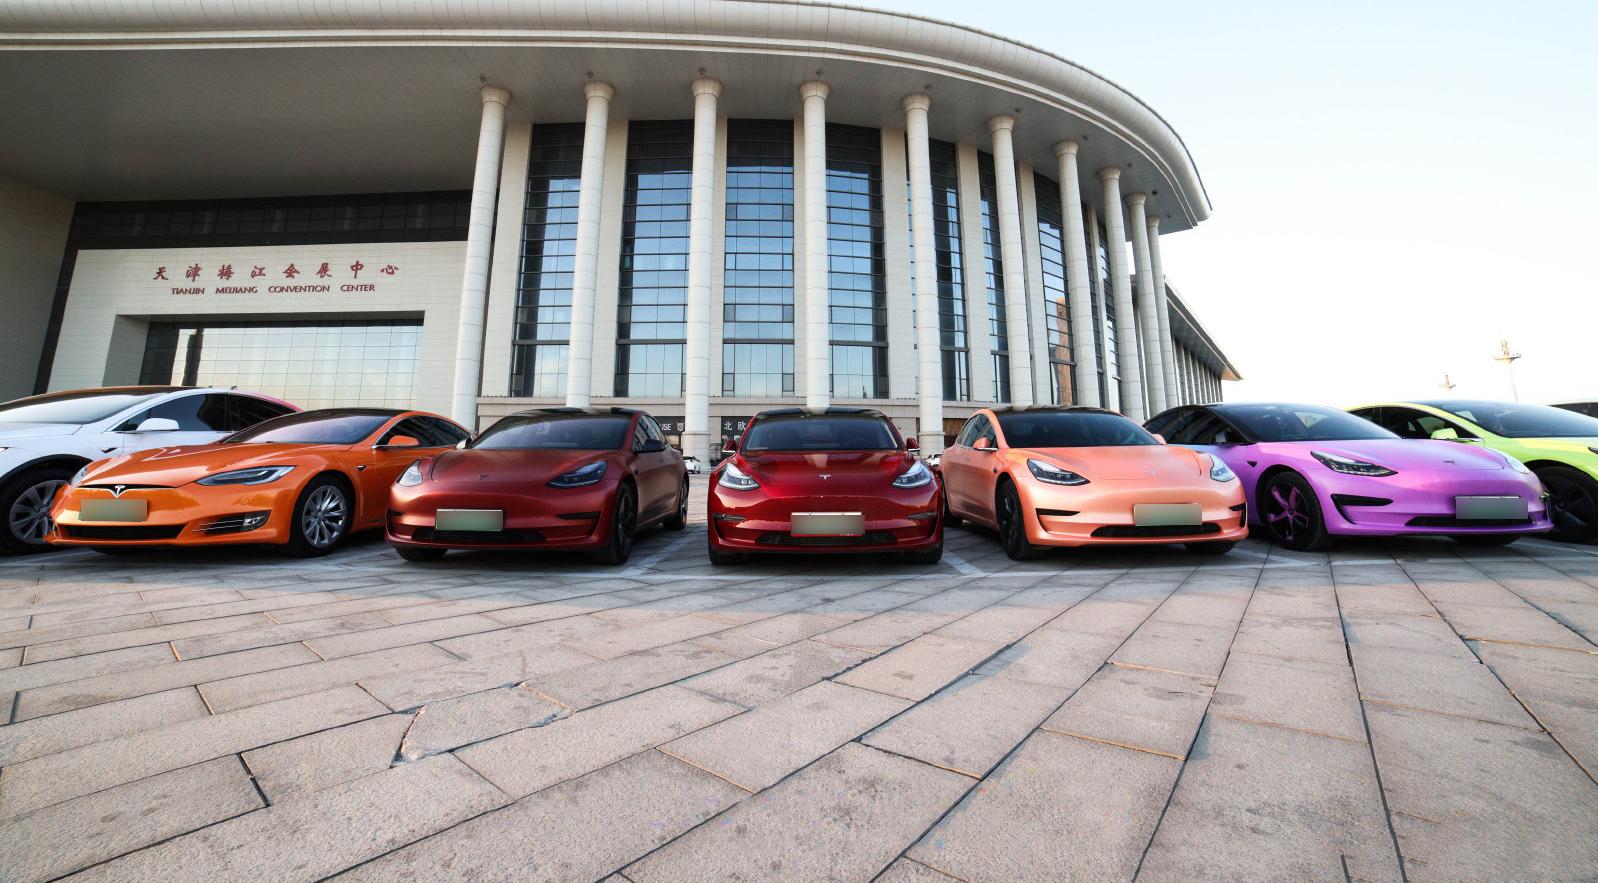 Tesla China наращивает обороты в четвертом квартале, поскольку слухи намекают на дебют обновленных Giga Shanghai Model 3 и Model Y